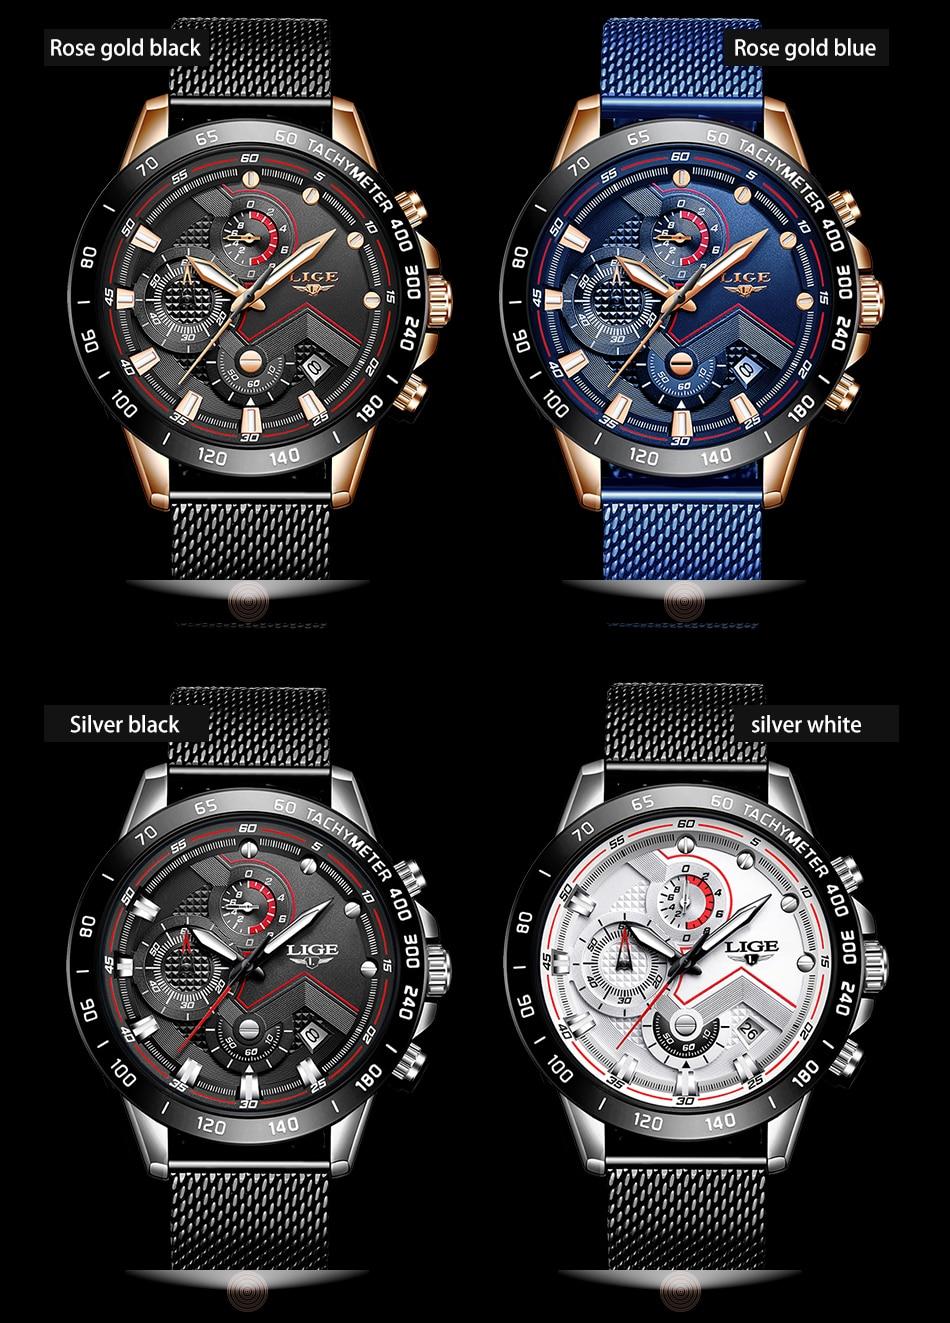 HTB1jC2VOPTpK1RjSZKPq6y3UpXa2 LIGE Fashion Mens Watches Brand Luxury WristWatch Quartz Clock Blue Watch Men Waterproof Sport Chronograph Relogio Masculino